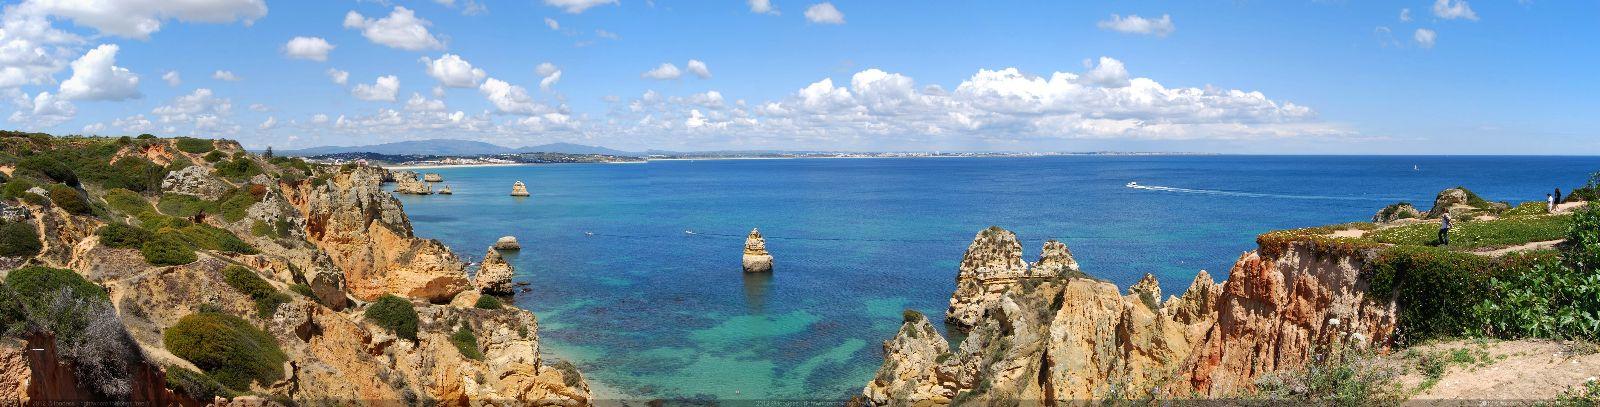 BedandBreakfast.com sus vacaciones de verano en Portugal